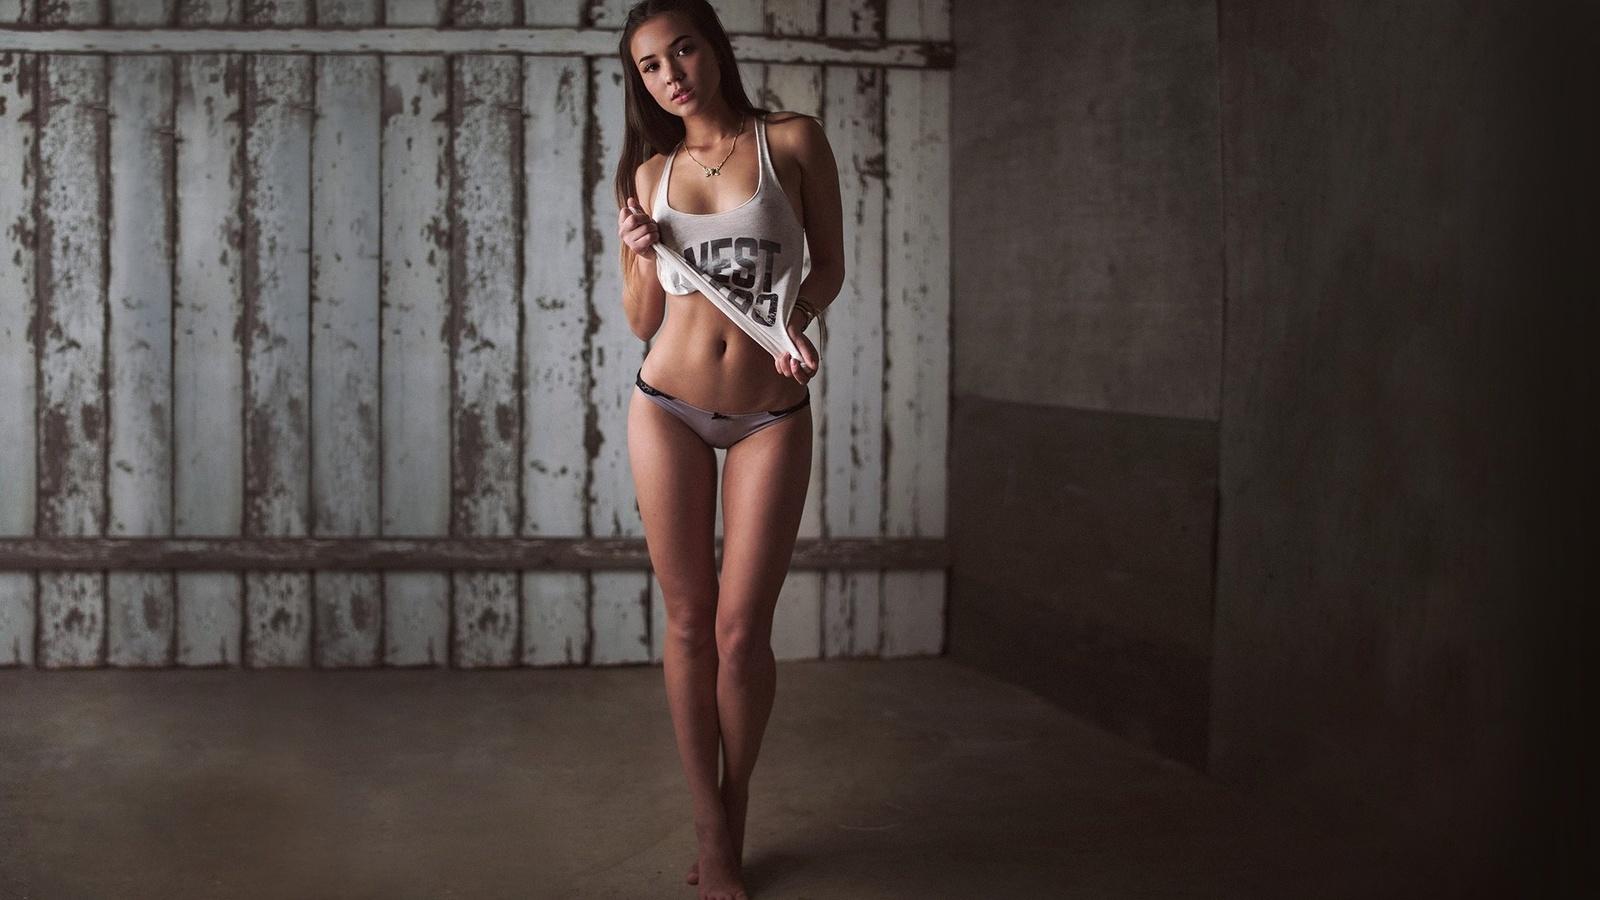 Фото в маечке без трусиков, Красивые молодые девушки без трусиков - фото подборка 26 фотография